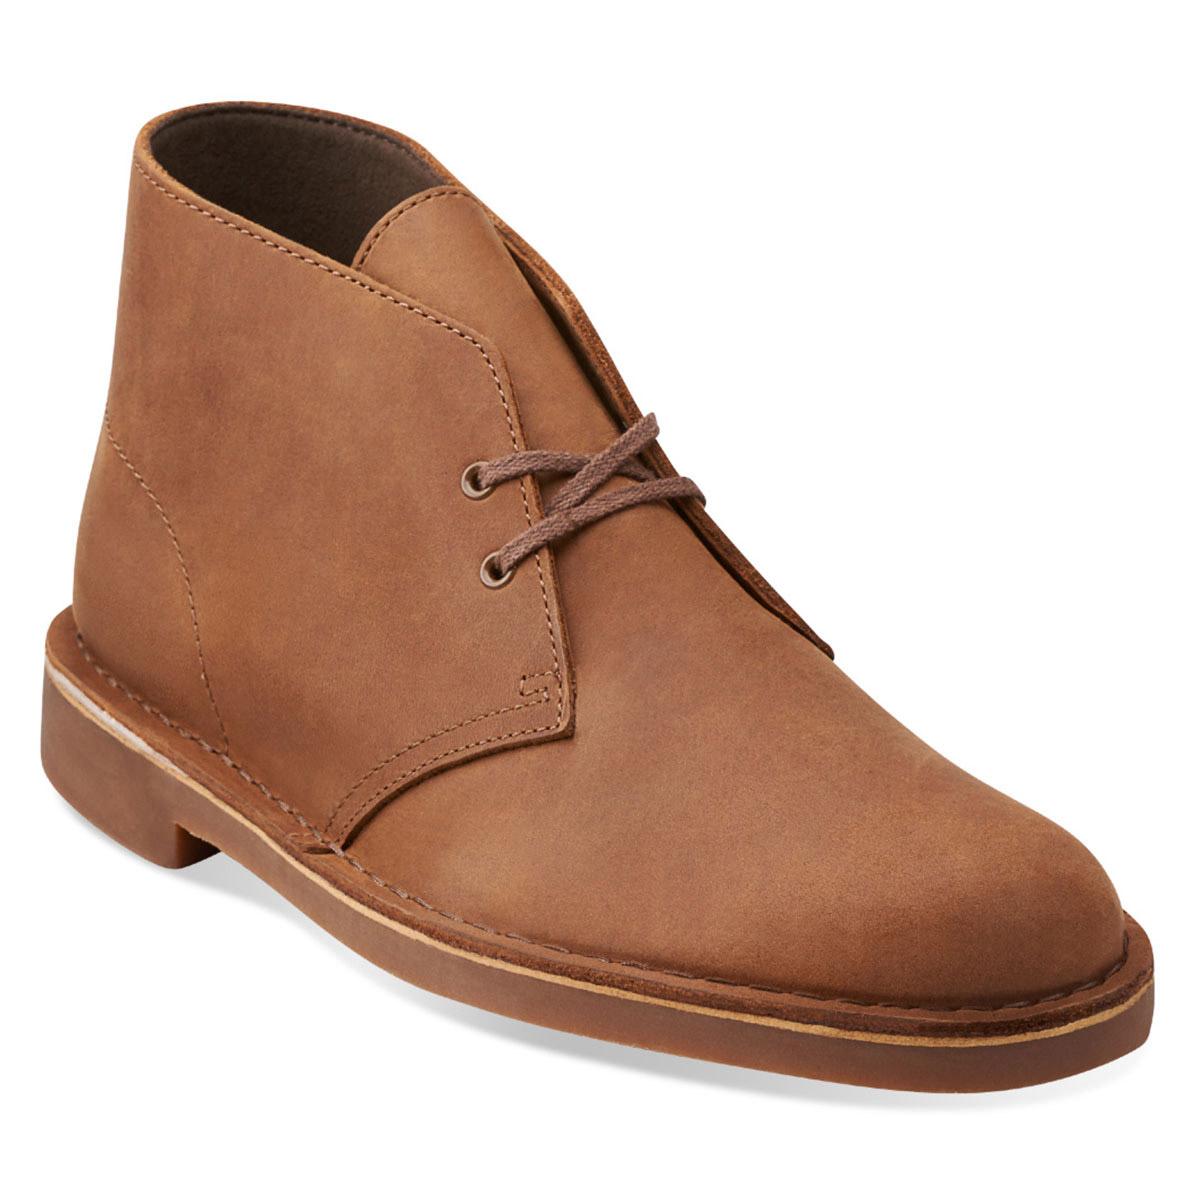 Clarks Men's Bushacre Chukka - Brown, 10